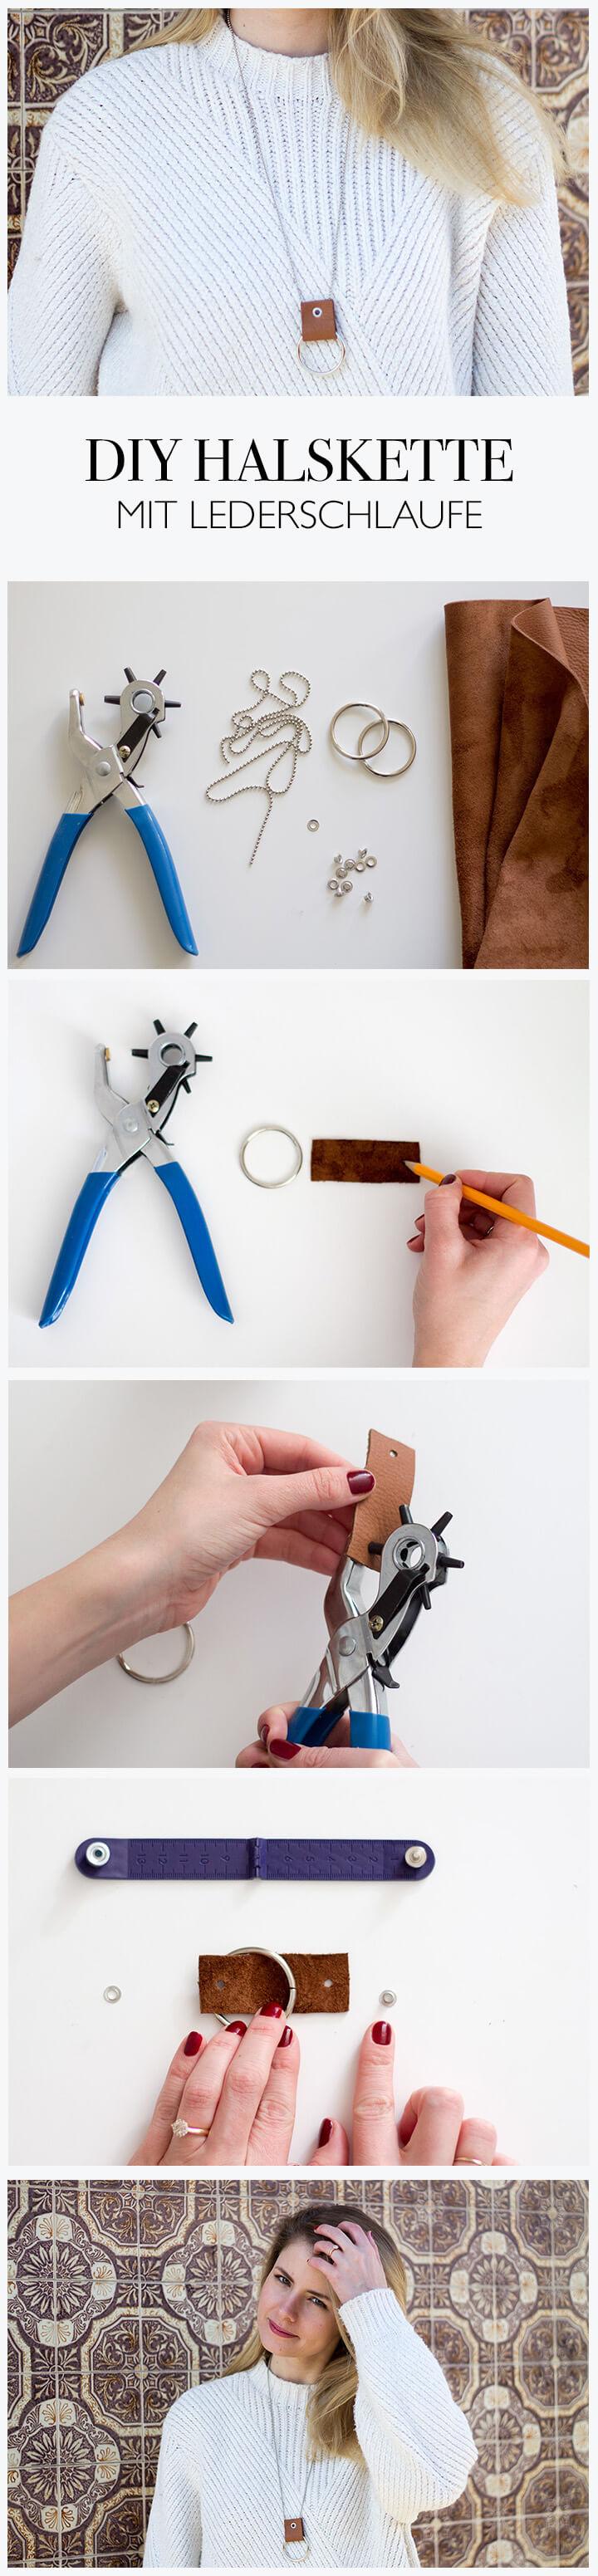 DIY Schmuck basteln - Halskette mit Lederschlaufe selber machen - lindaloves.de DIY Blog aus Berlin Fashion do-it-yourself